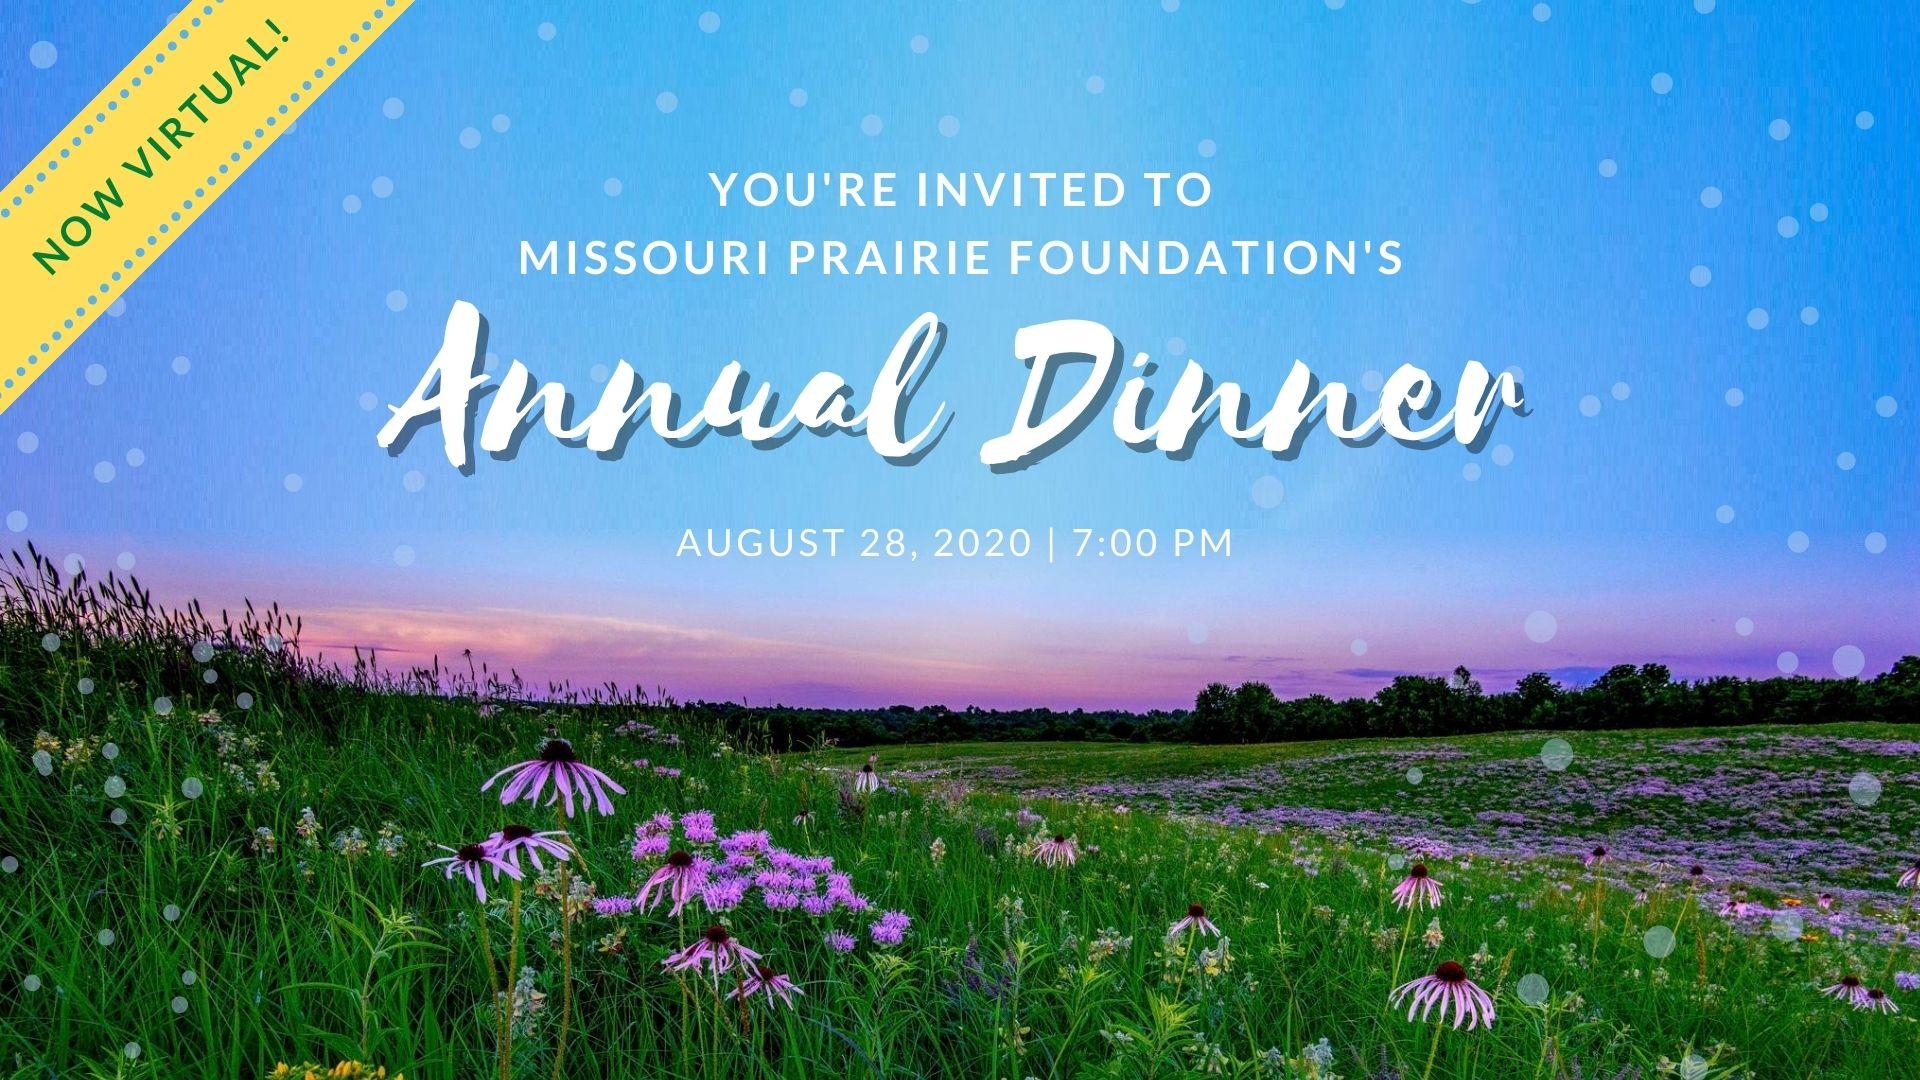 Virtual Annual Dinner